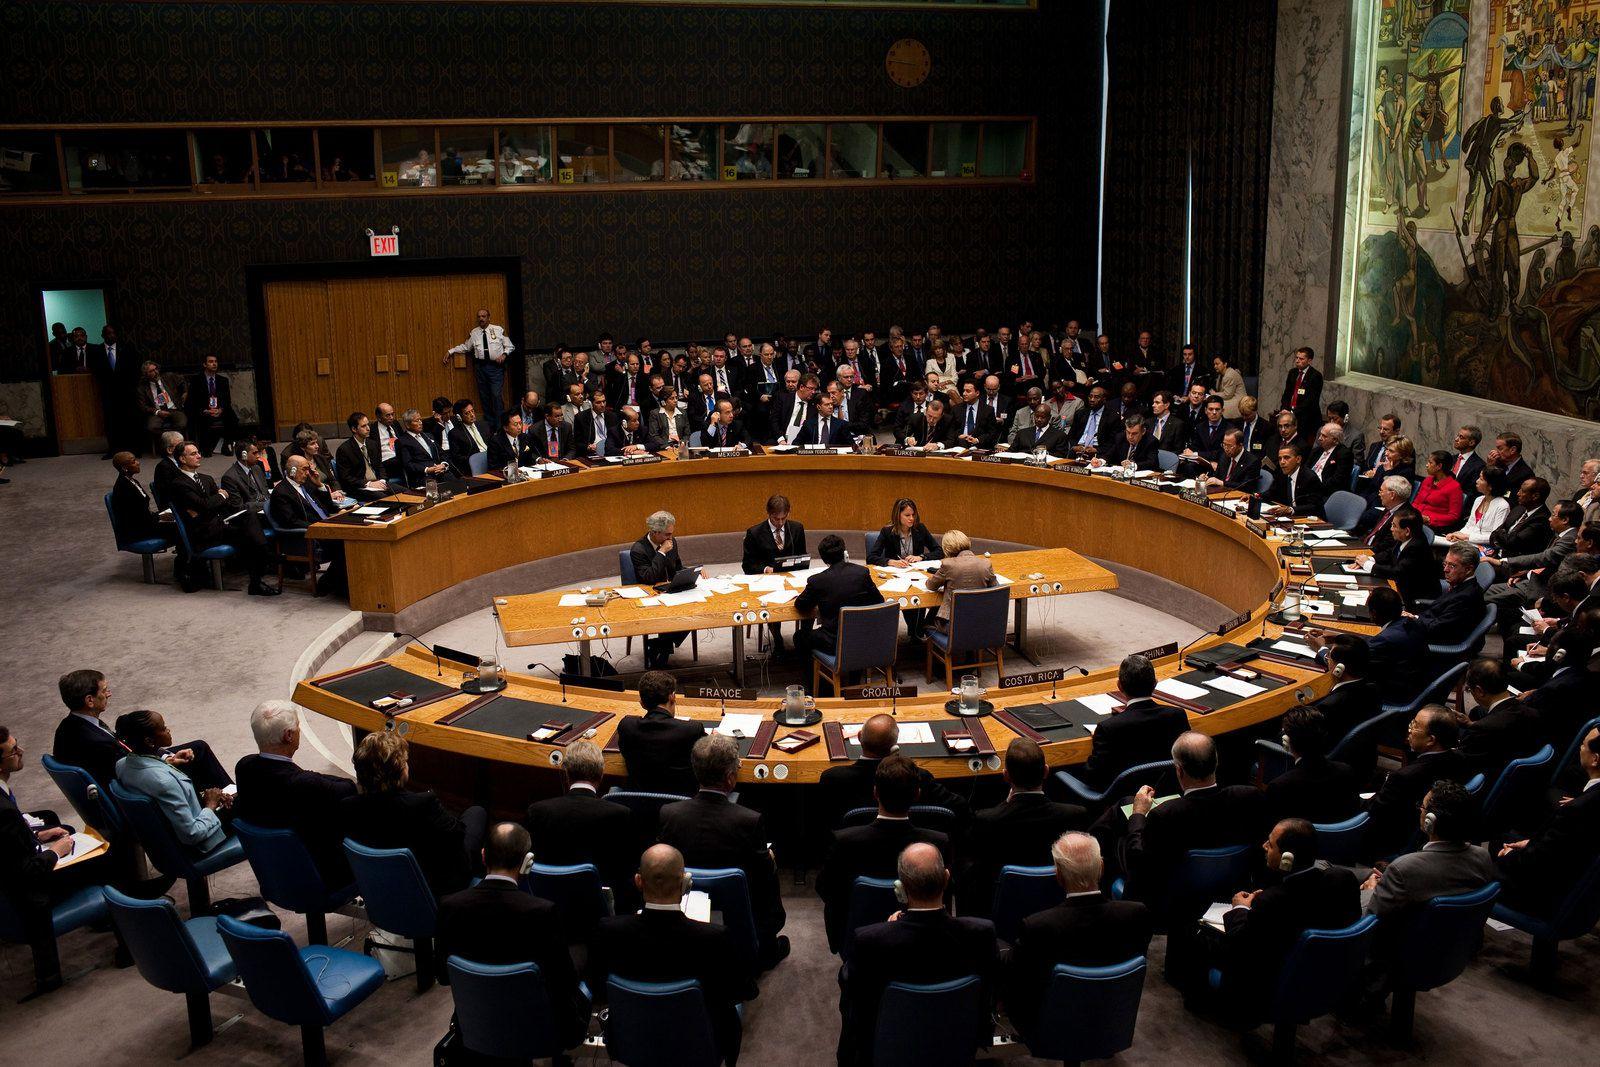 L'ONU veut tarir les sources de financement du groupe Etat islamique